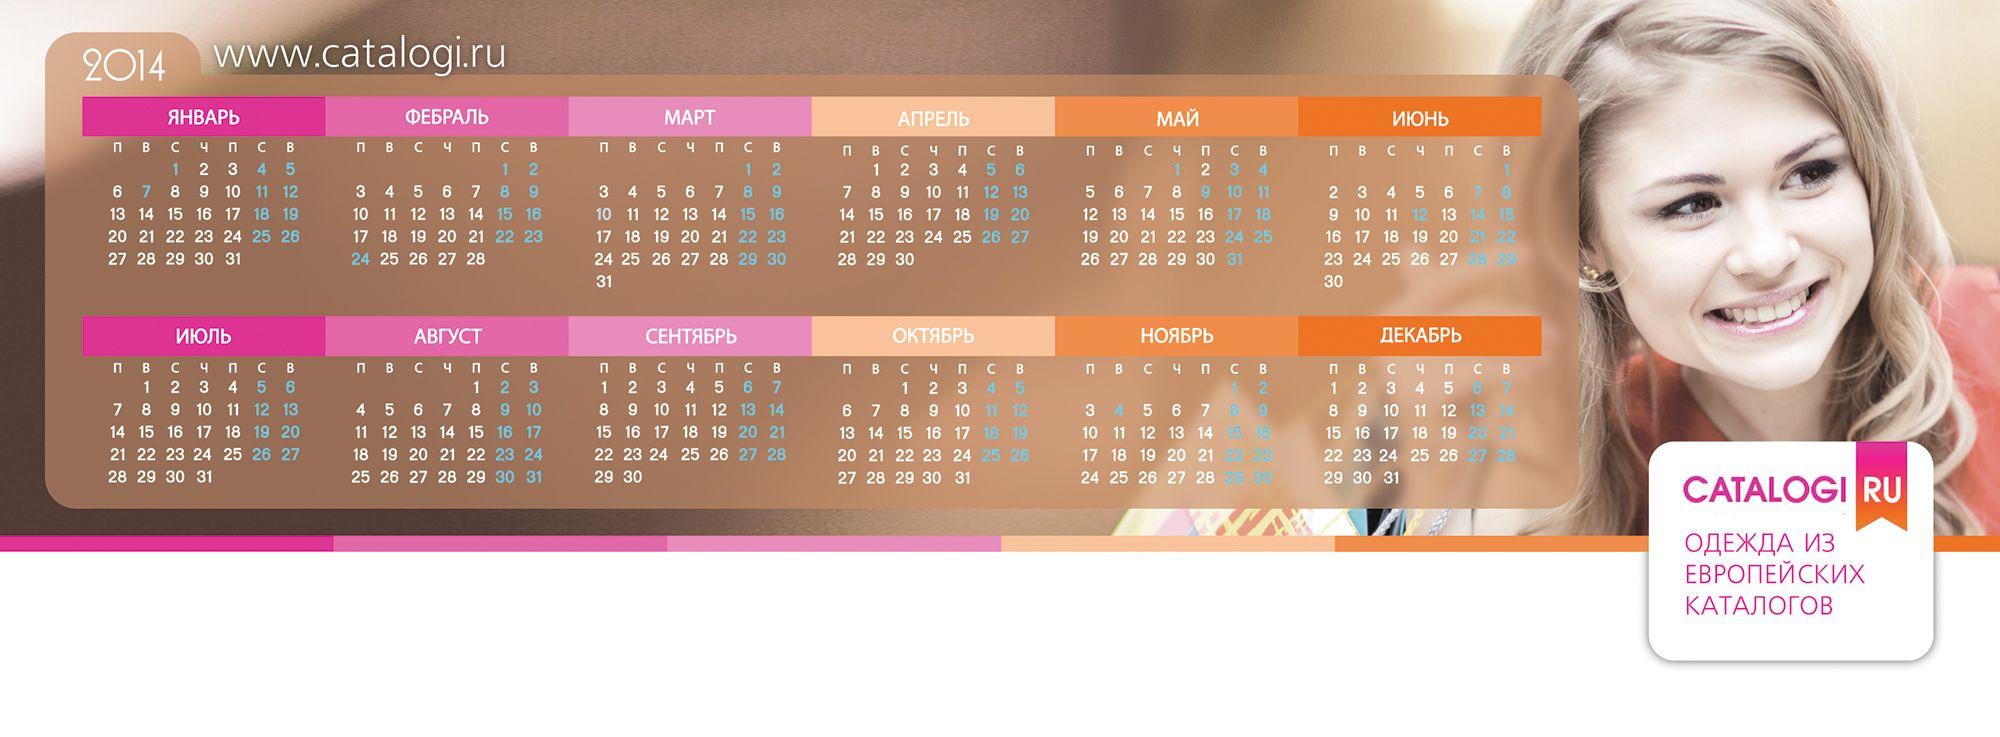 Календарик на монитор Catalogi.ru - дизайнер Fiwka